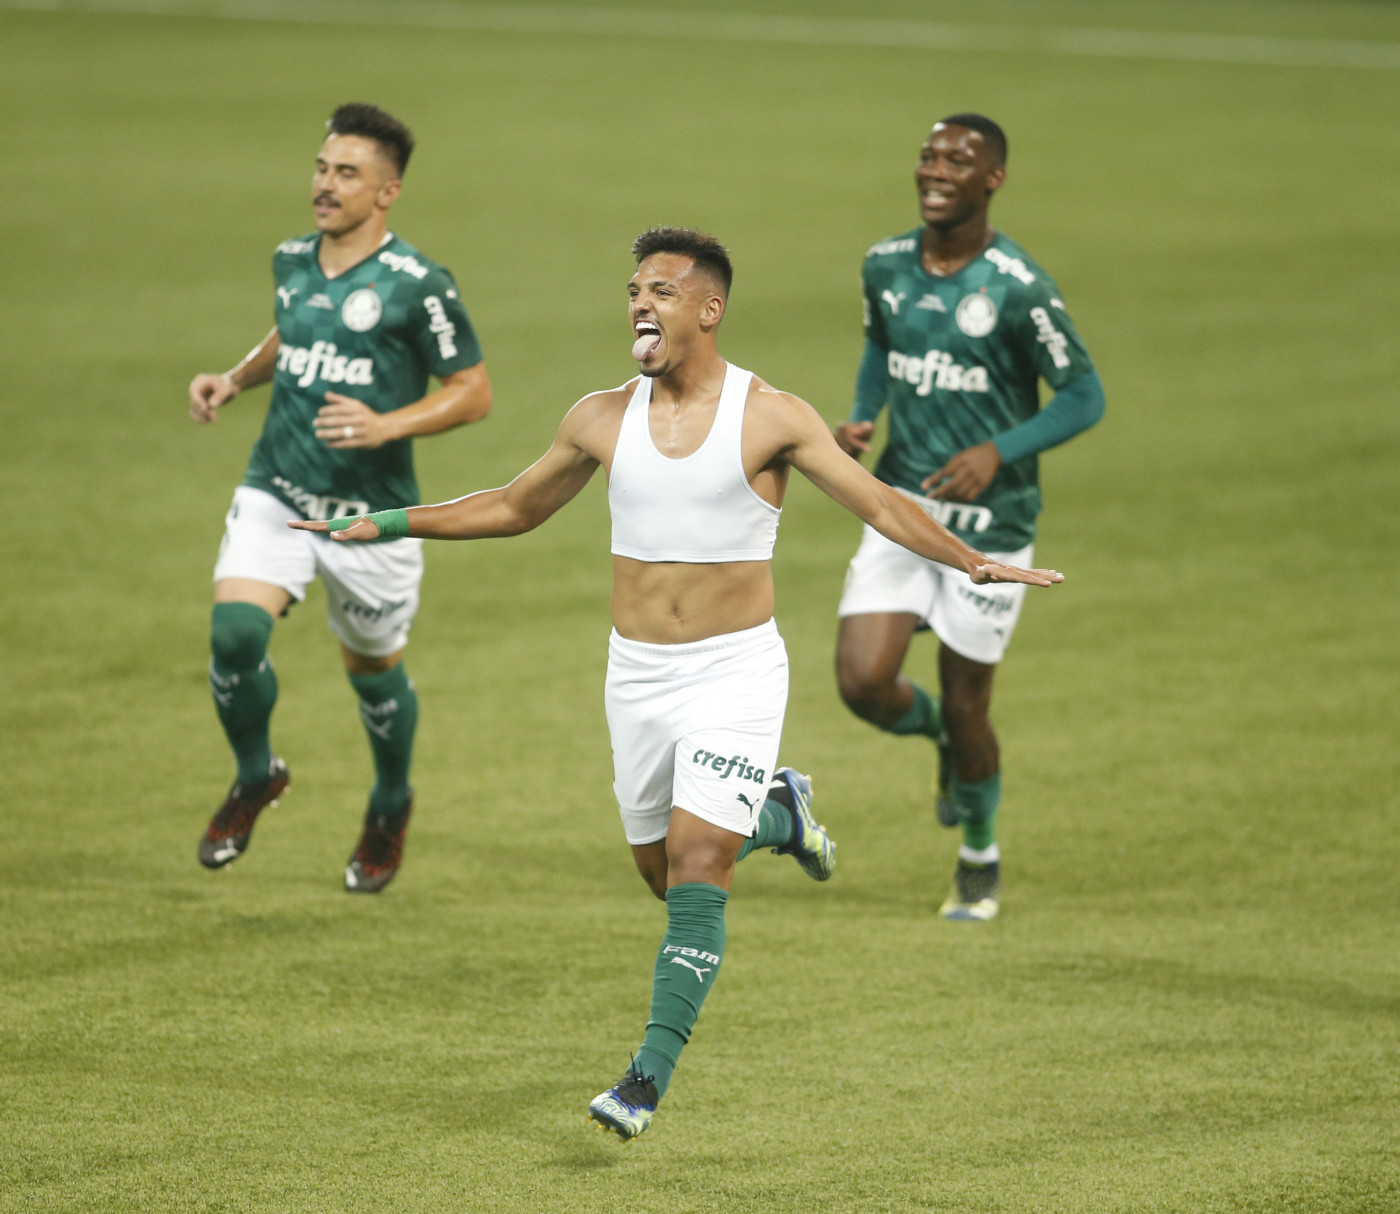 Sem camisa, Gabriel Menino comemora o gol que decretou o título do Palmeiras; Willian e Patrick de Paula correm atrás do companheiro